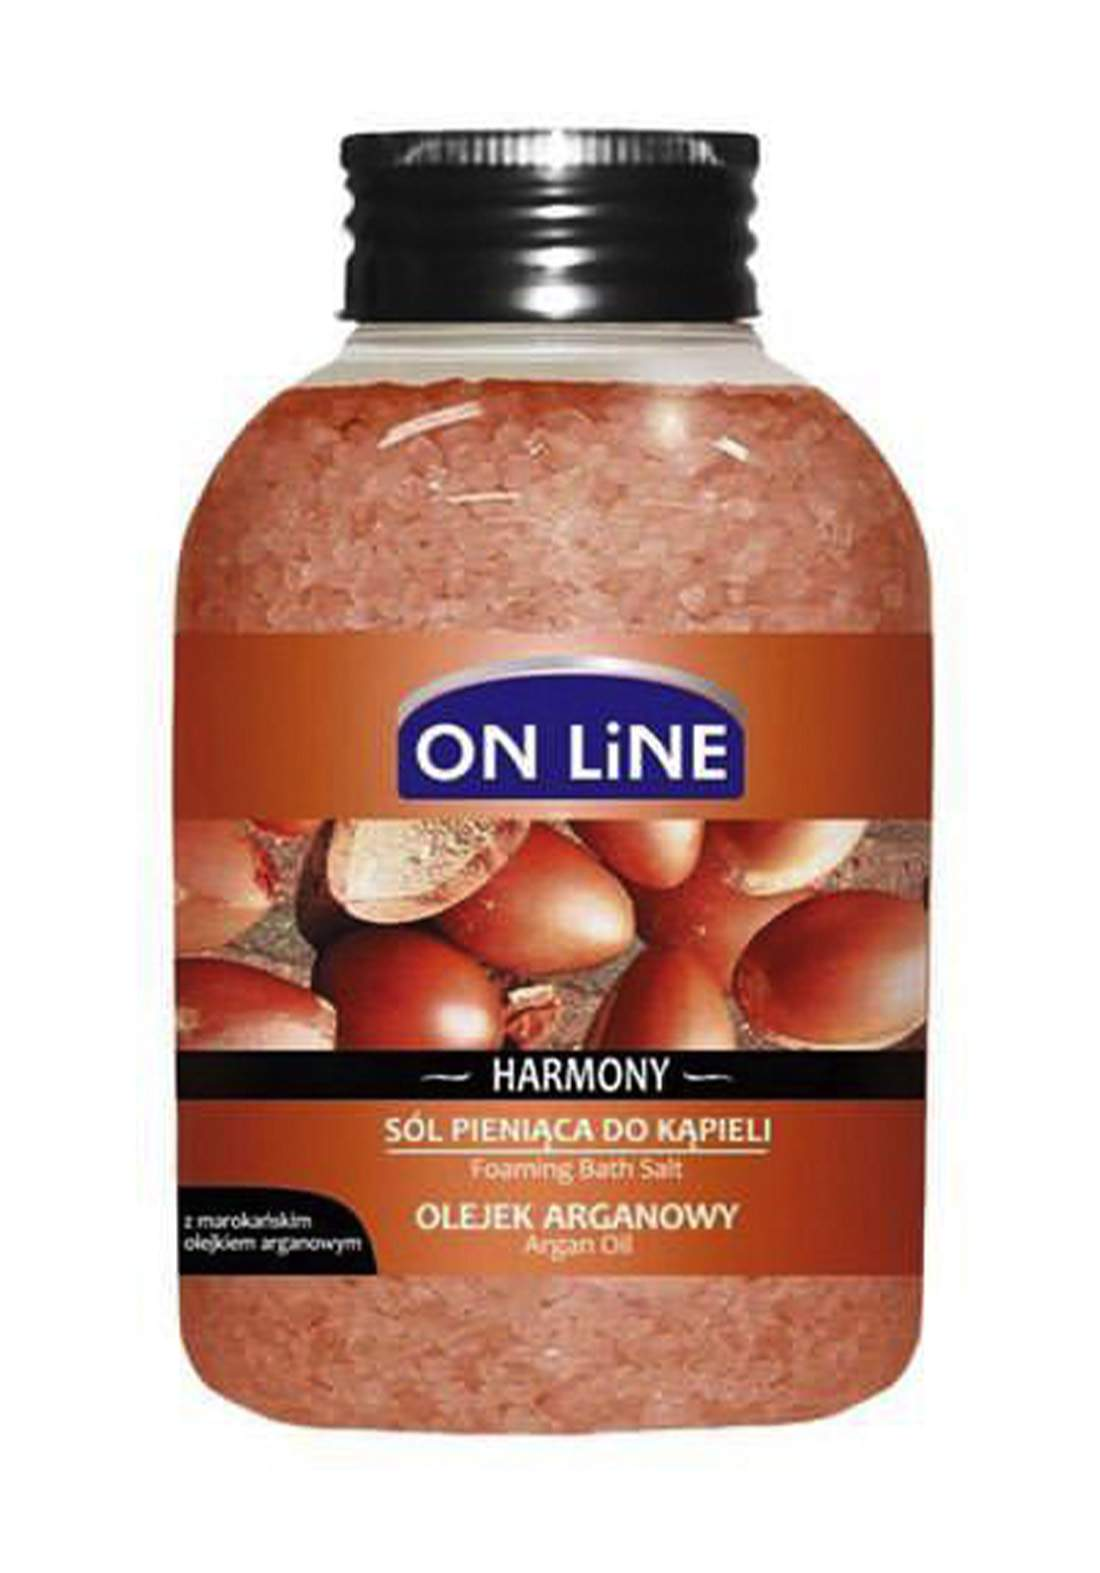 Online Harmony argan oil 600g املاح العناية بالجسم